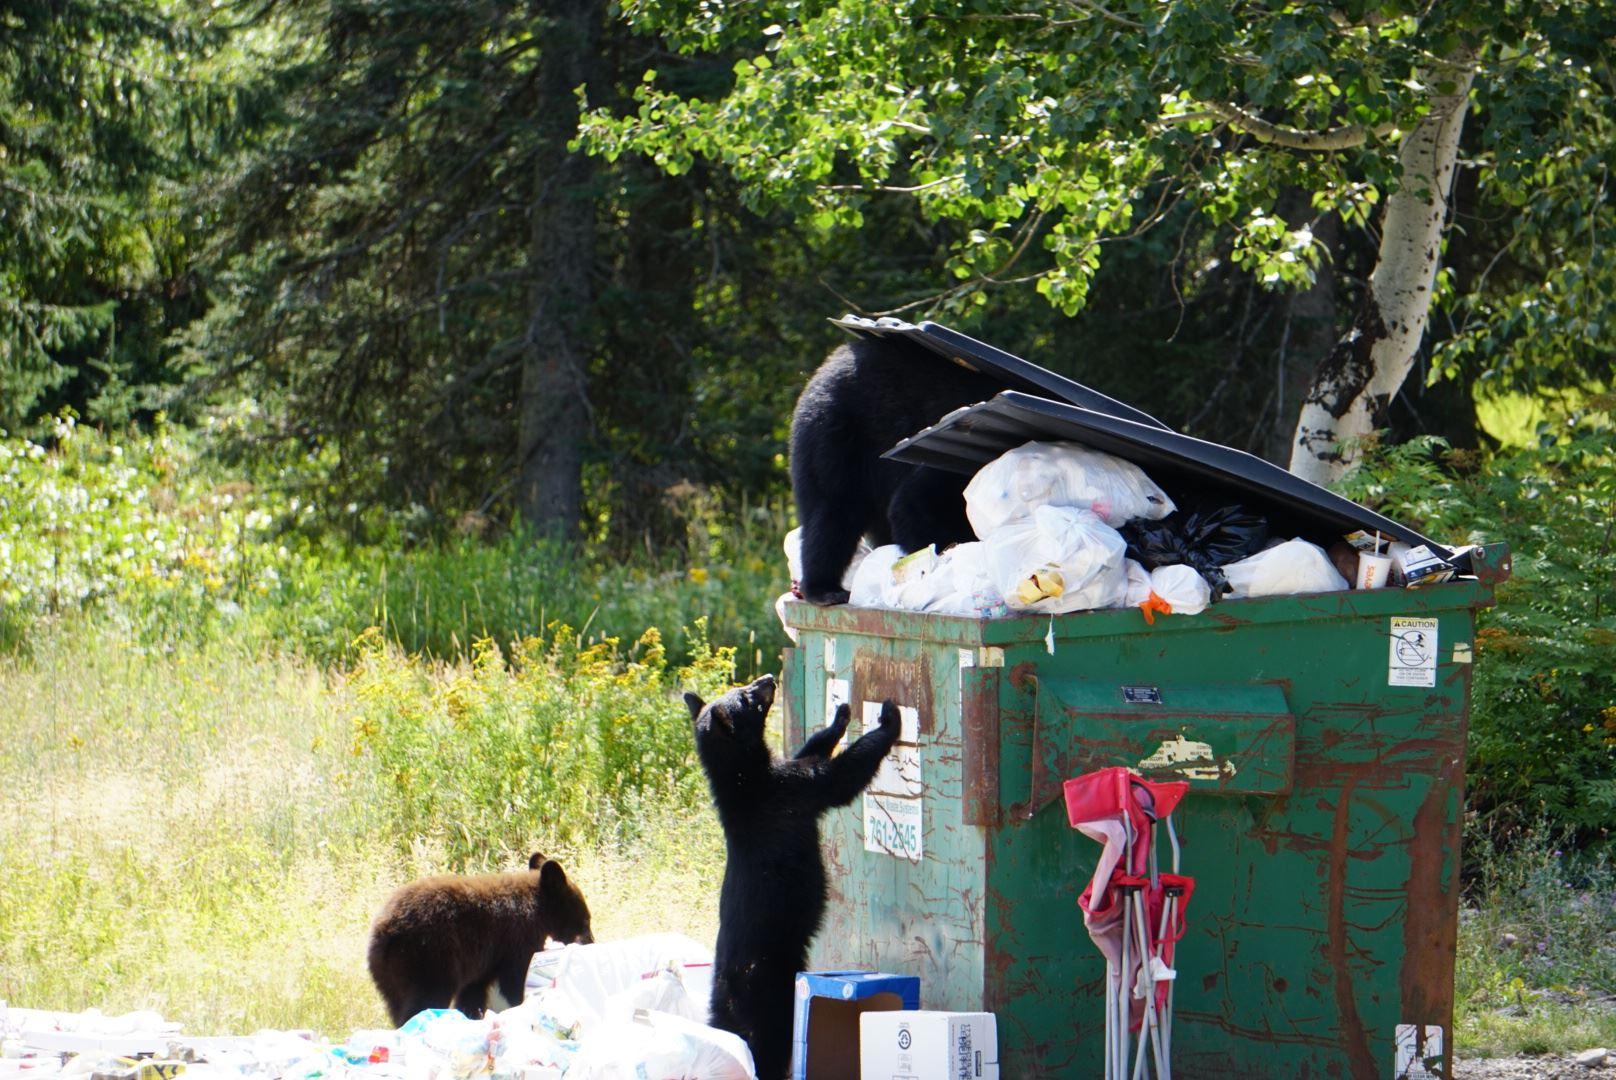 Bear family in dumpster (JPEG)